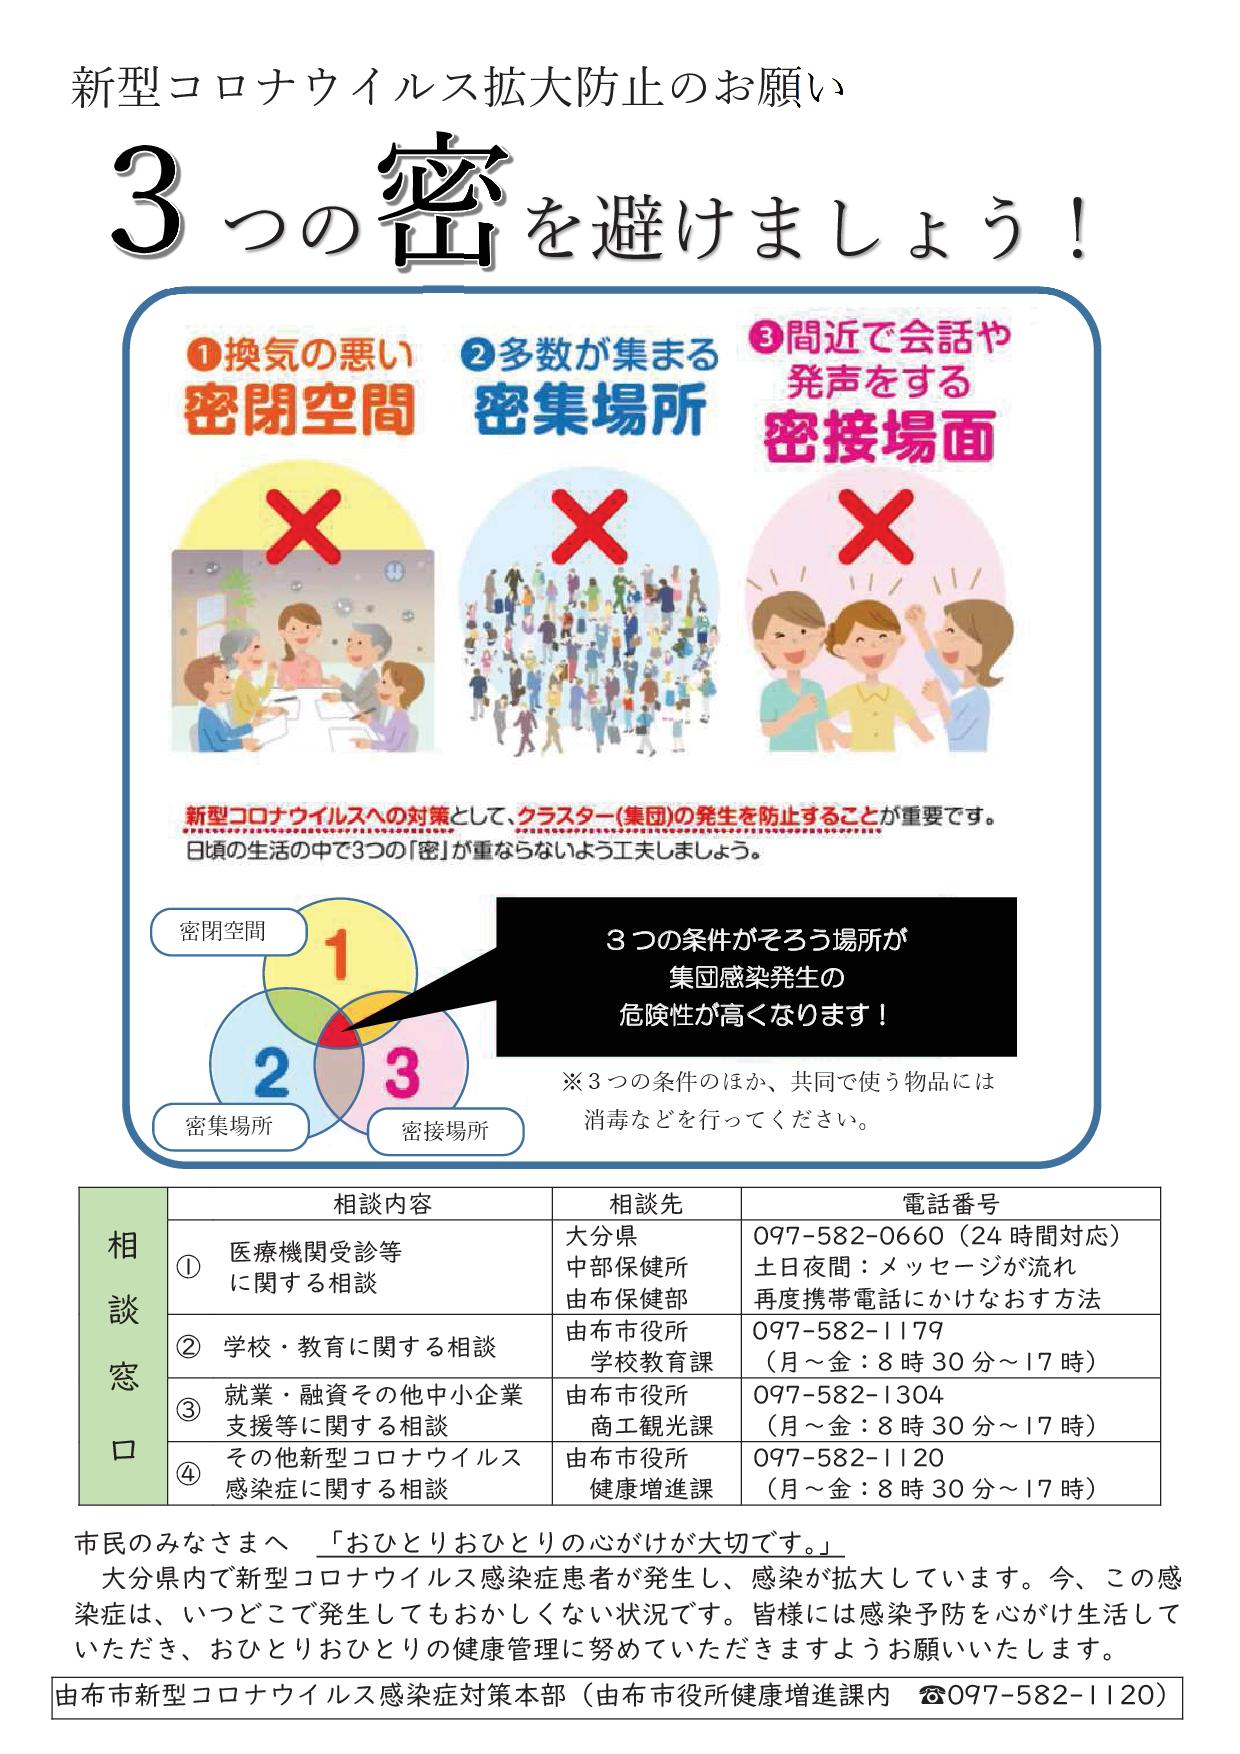 コロナウイルス感染拡大防止のチラシ(表)